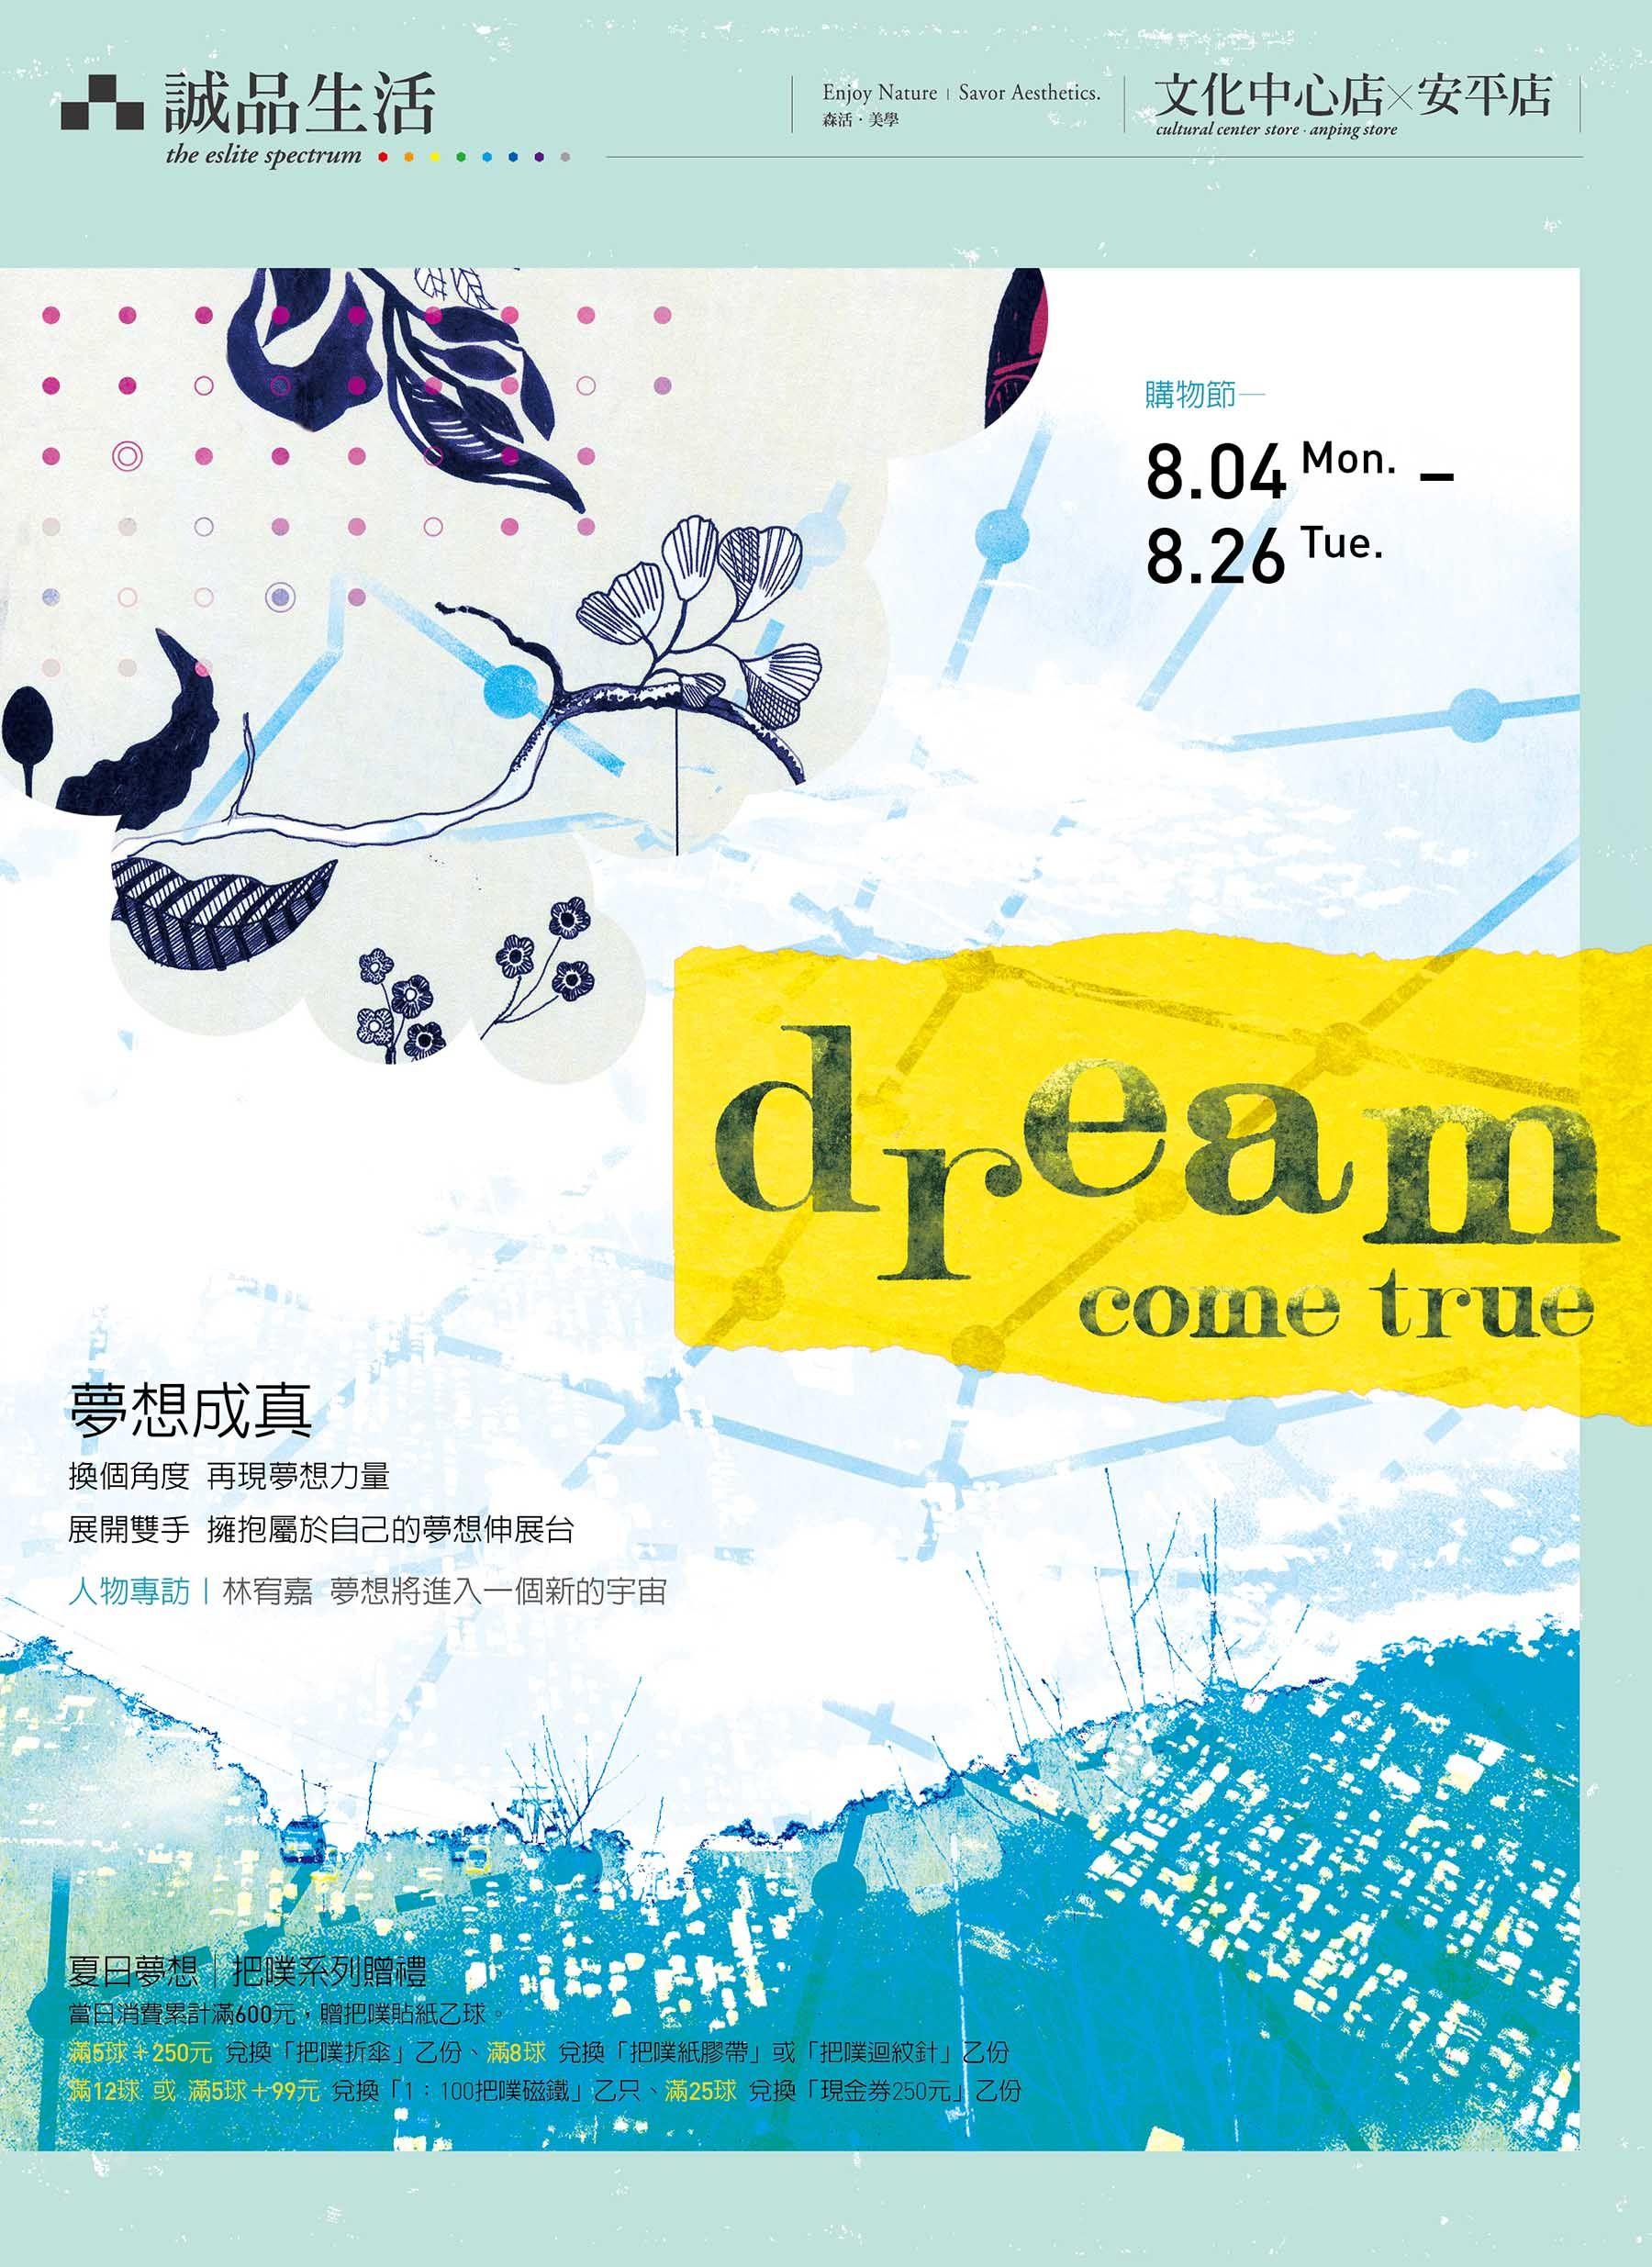 夢想成真dream come true 本期dm 誠品生活網 charity poster graphic design poster poster design